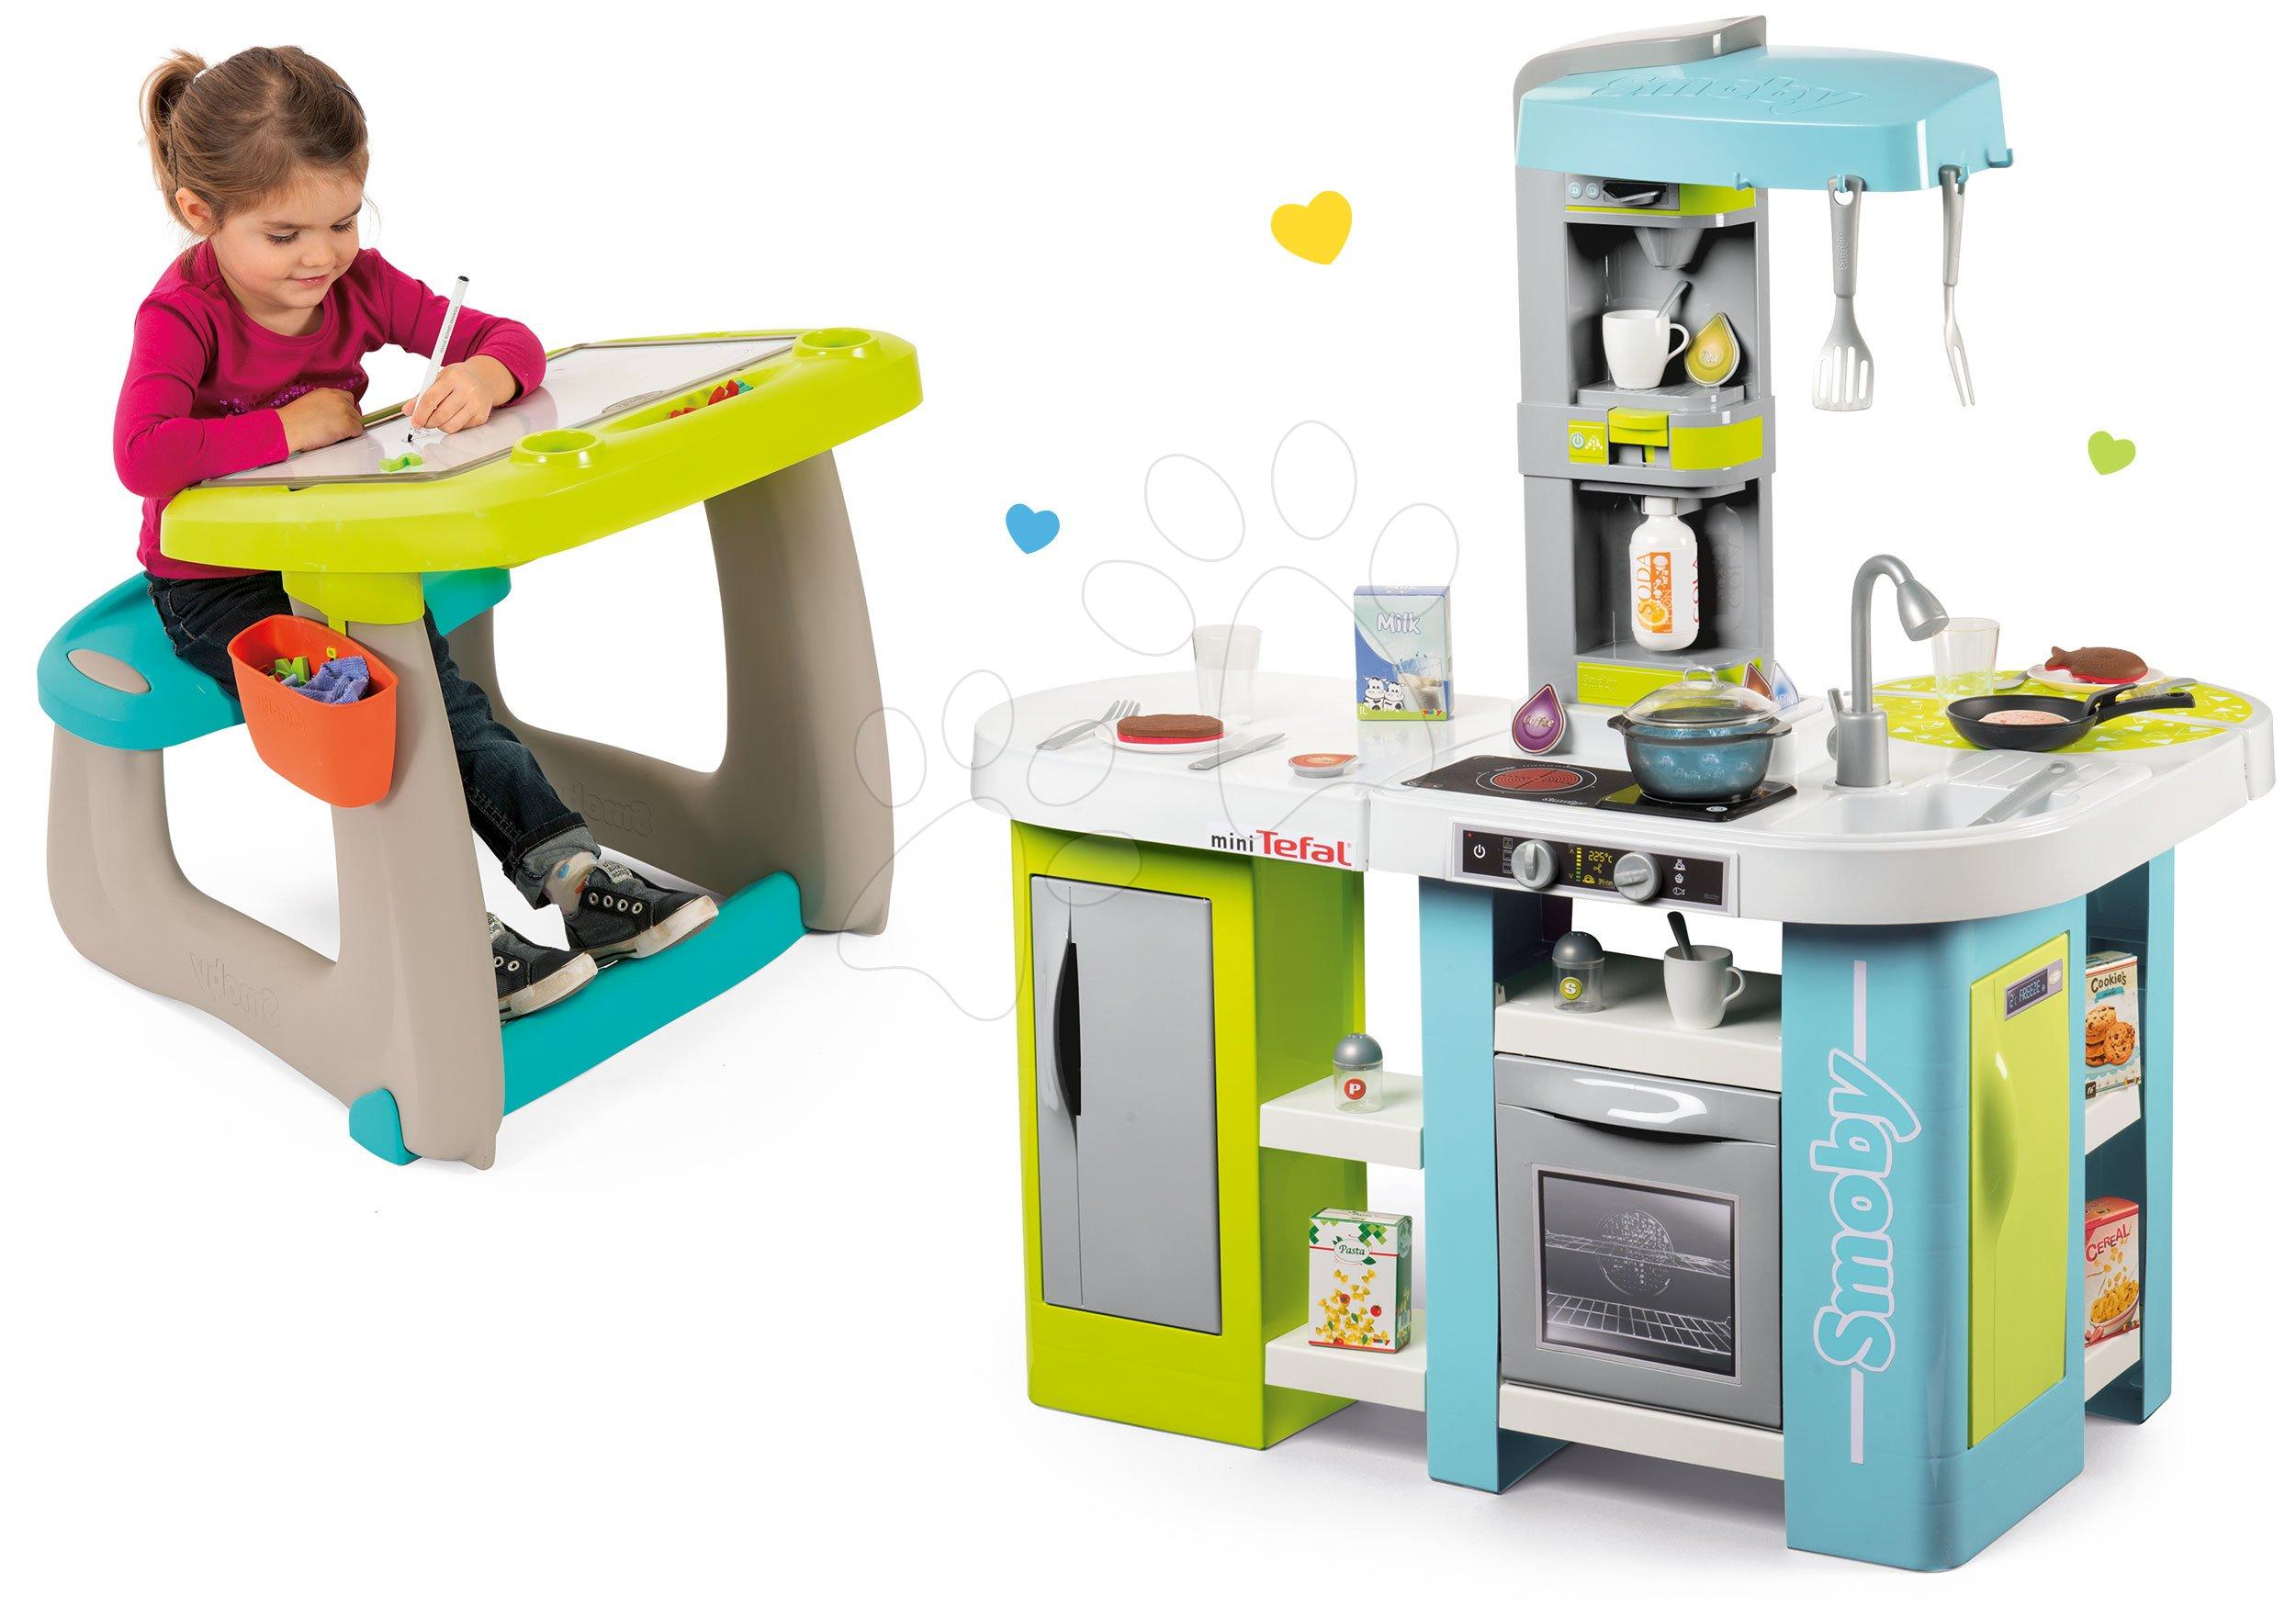 Smoby set kuchynka elektronická Tefal Studio XL Bubble a lavica s odkladacím priestorom a tabuľou 311035-21